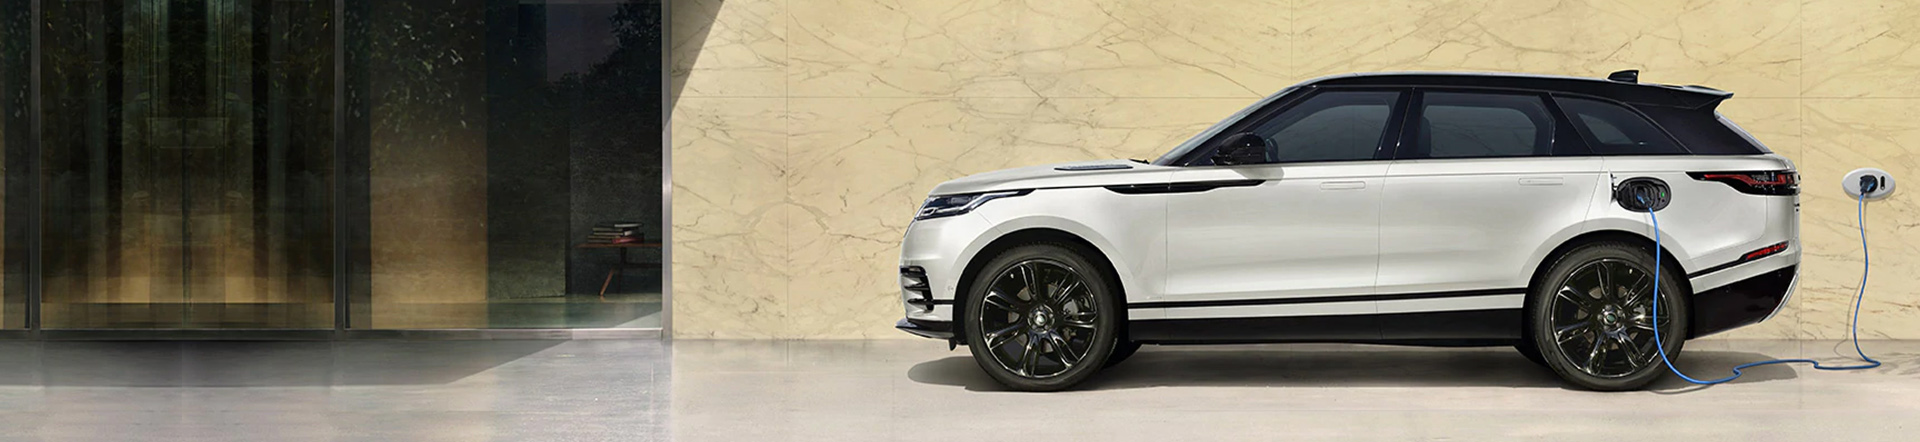 Neuer Range Rover Velar PHEV header